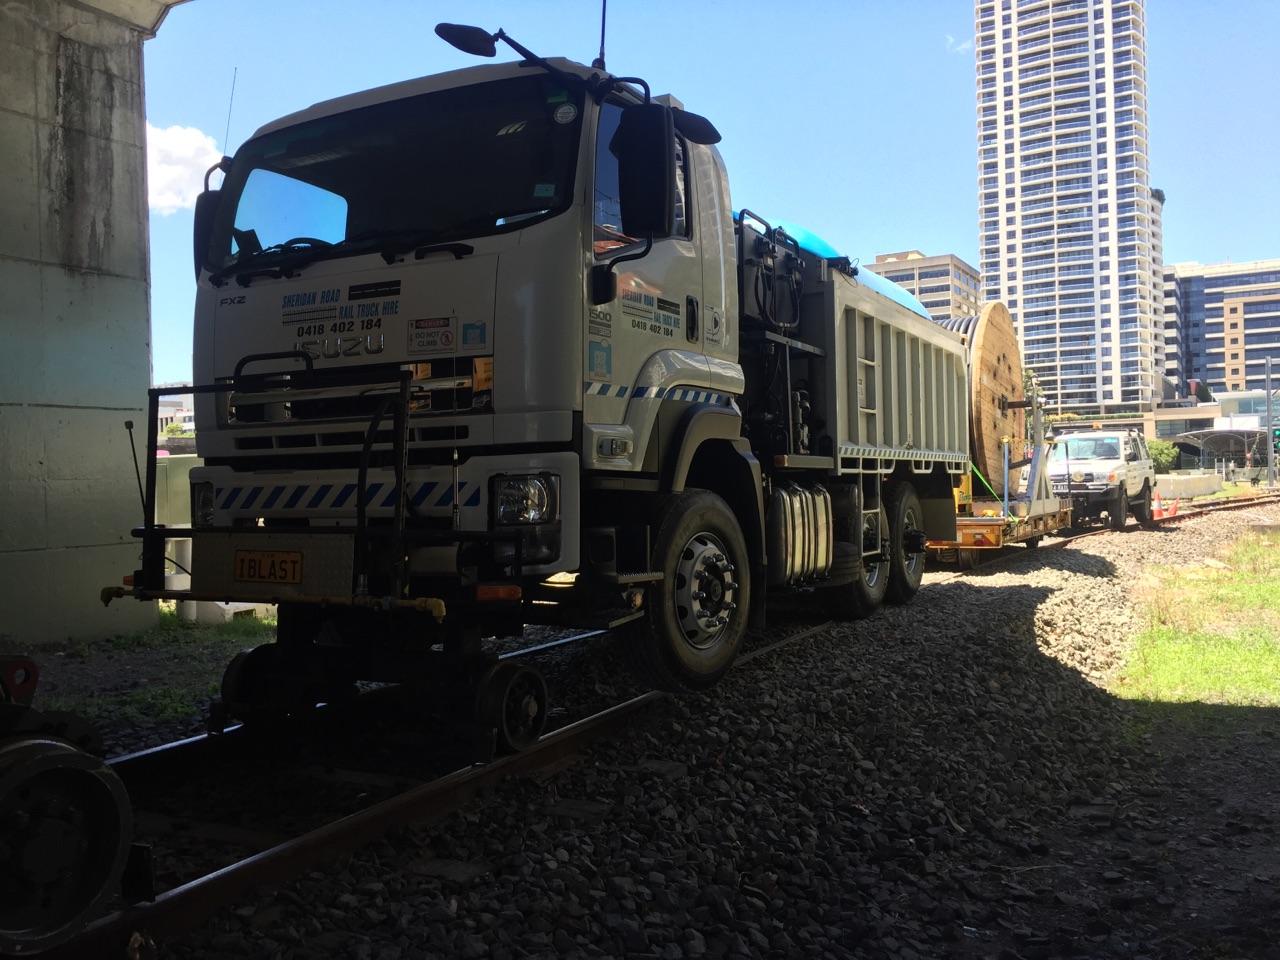 IBLAST-Isuzu-Hirail-Water-Blaster-10000L-Tipper-Tow-Truck-7.jpg